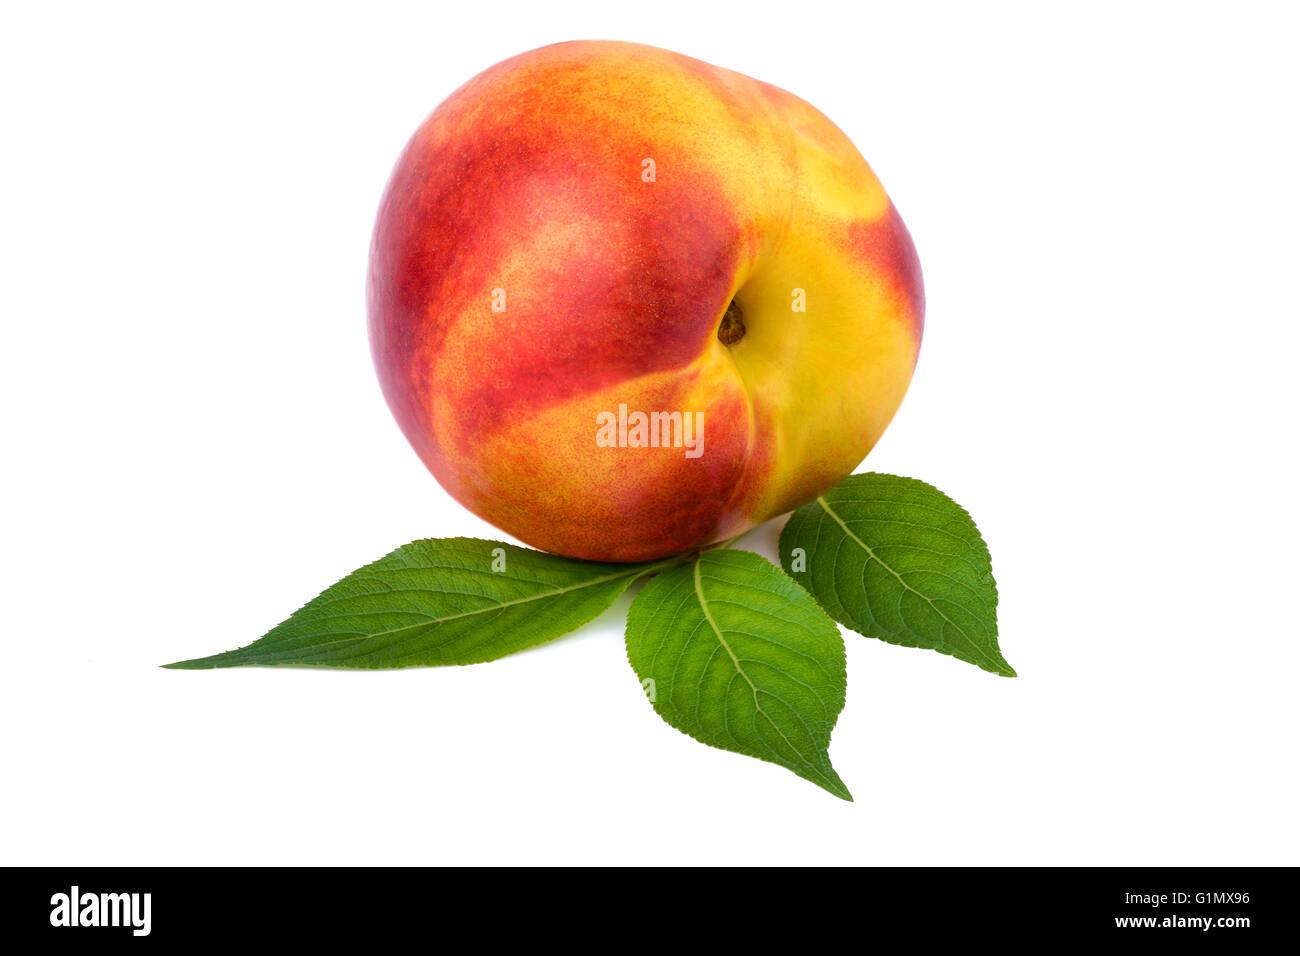 Uno de los frutos de nectarina en blanco Imagen De Stock